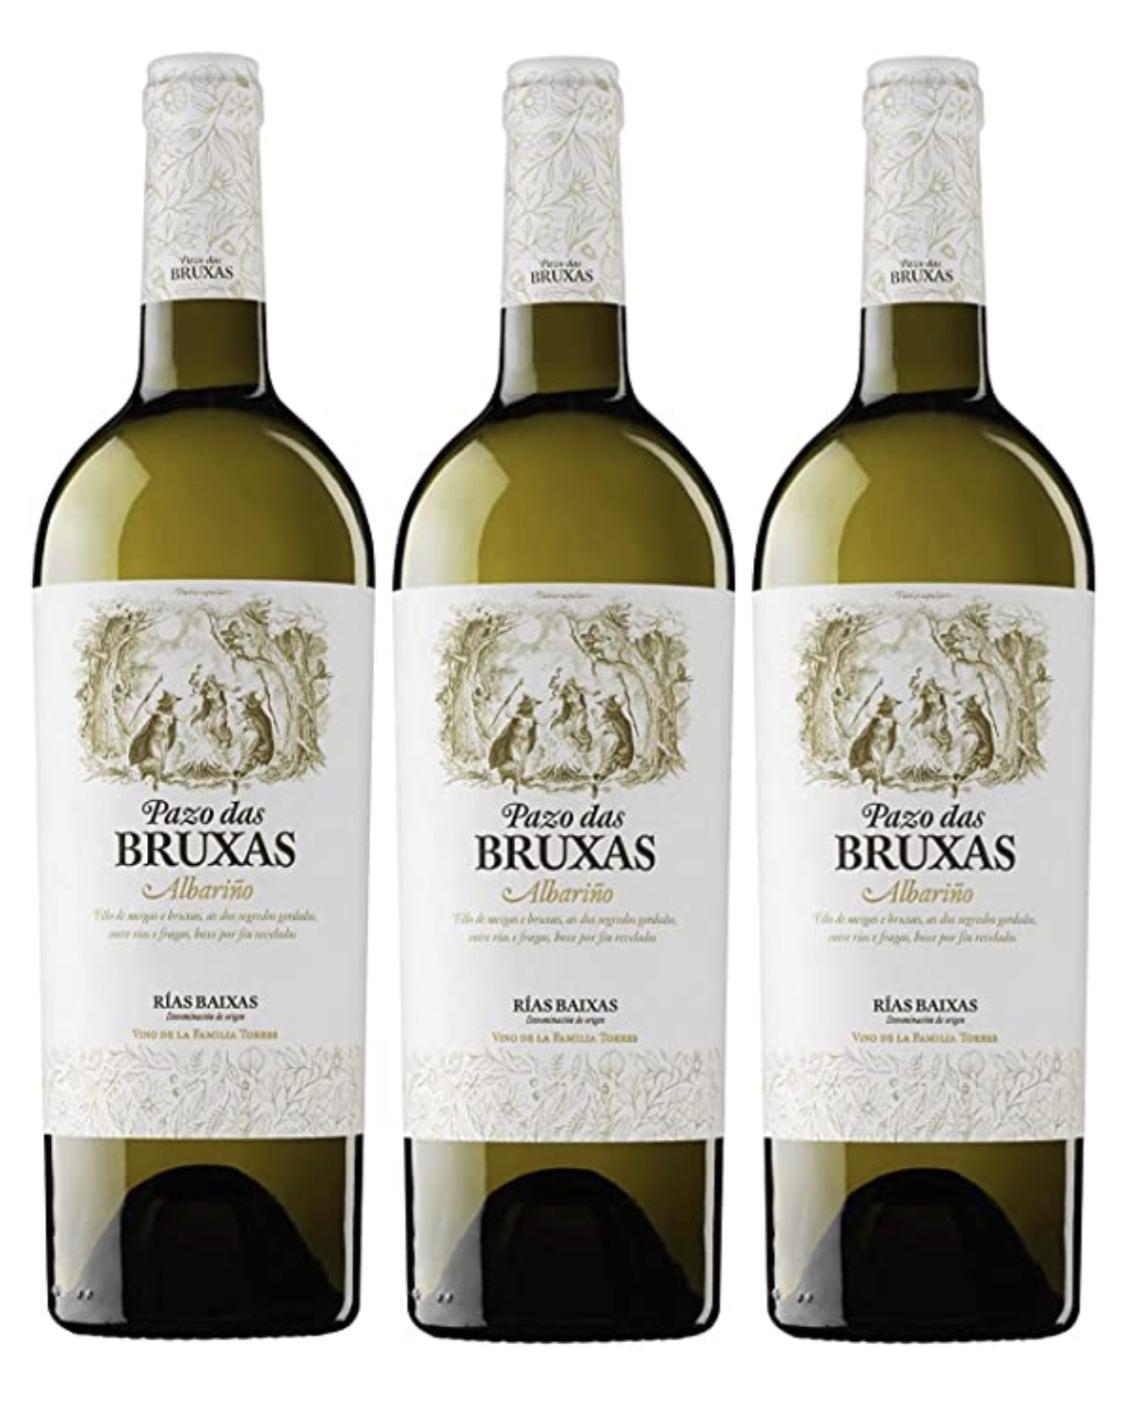 3 Botellas de Pazo das Bruxas albariño